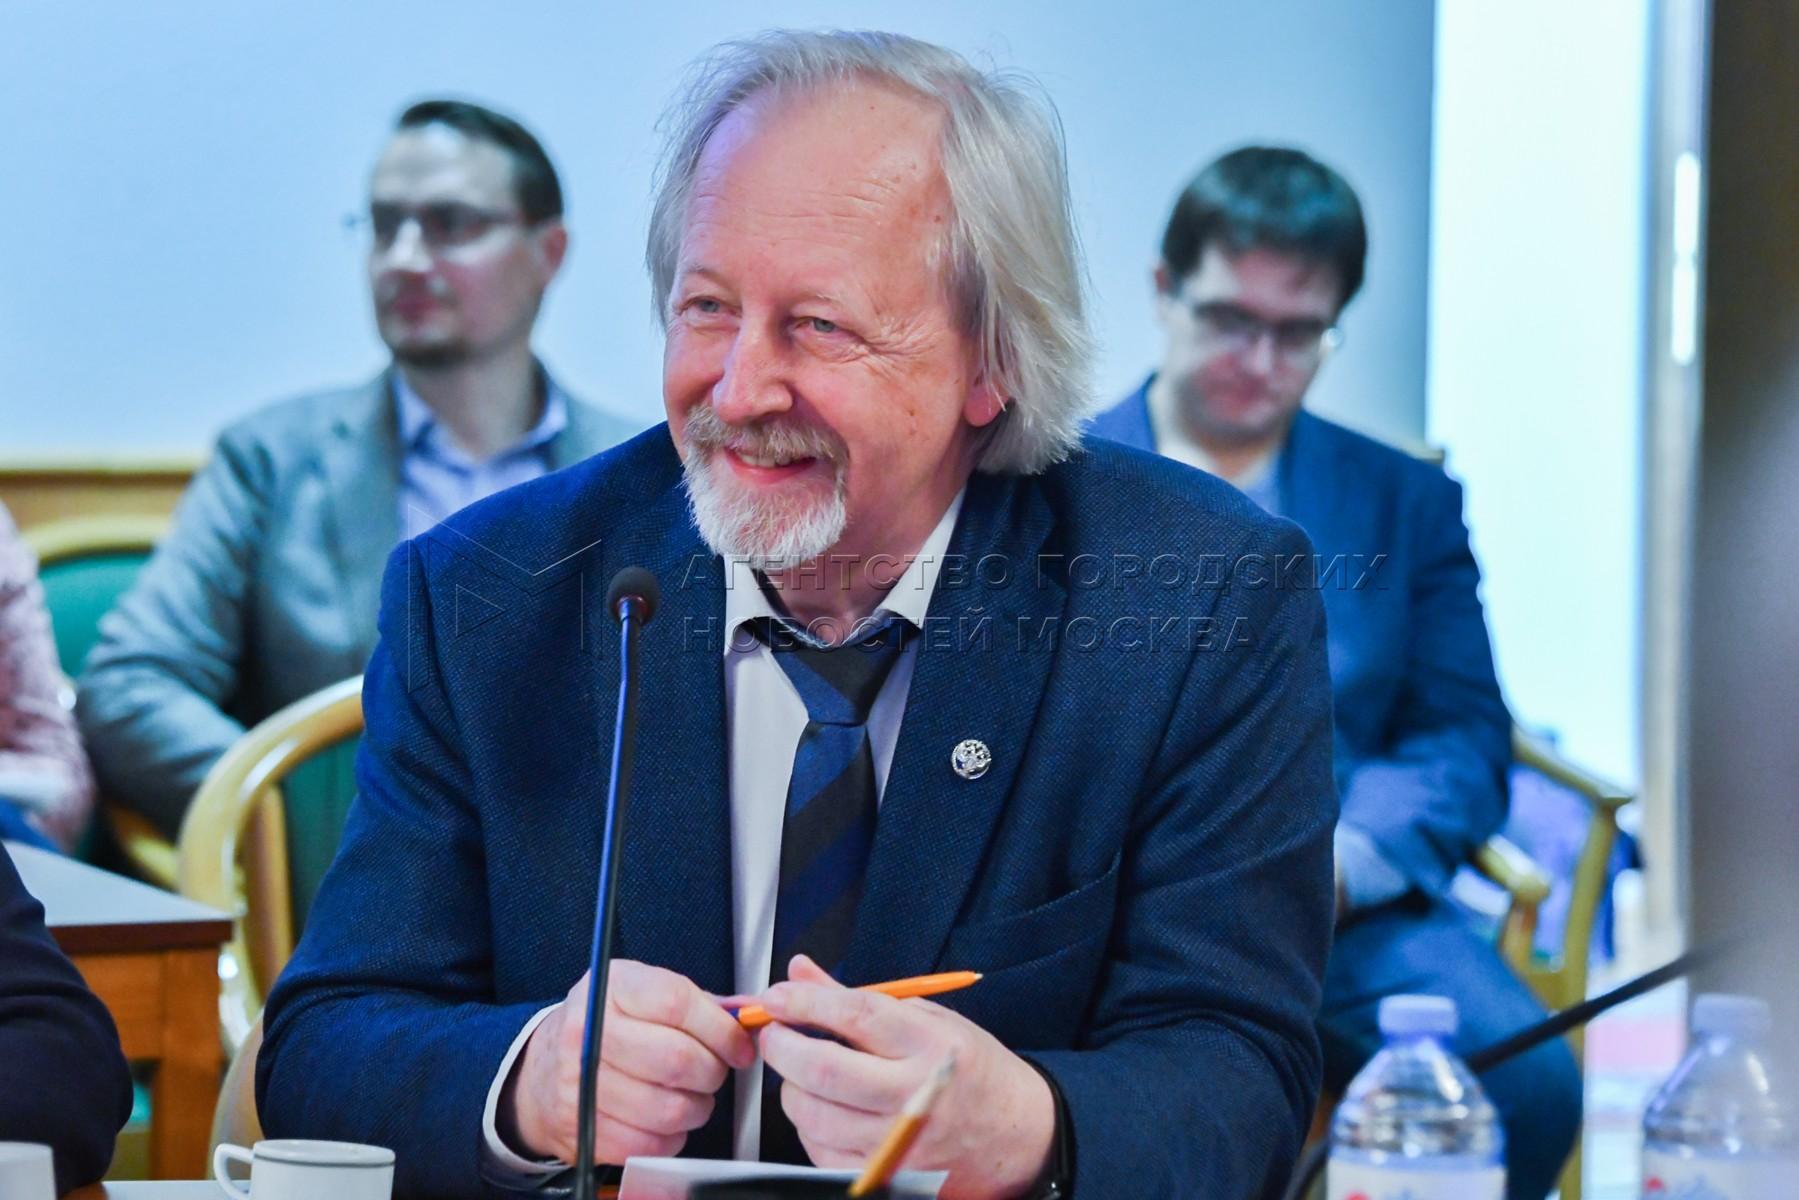 Президент Российской библиотечной ассоциации Михаил Афанасьев на заседании Общественного совета при Комитете Госдумы по культуре.